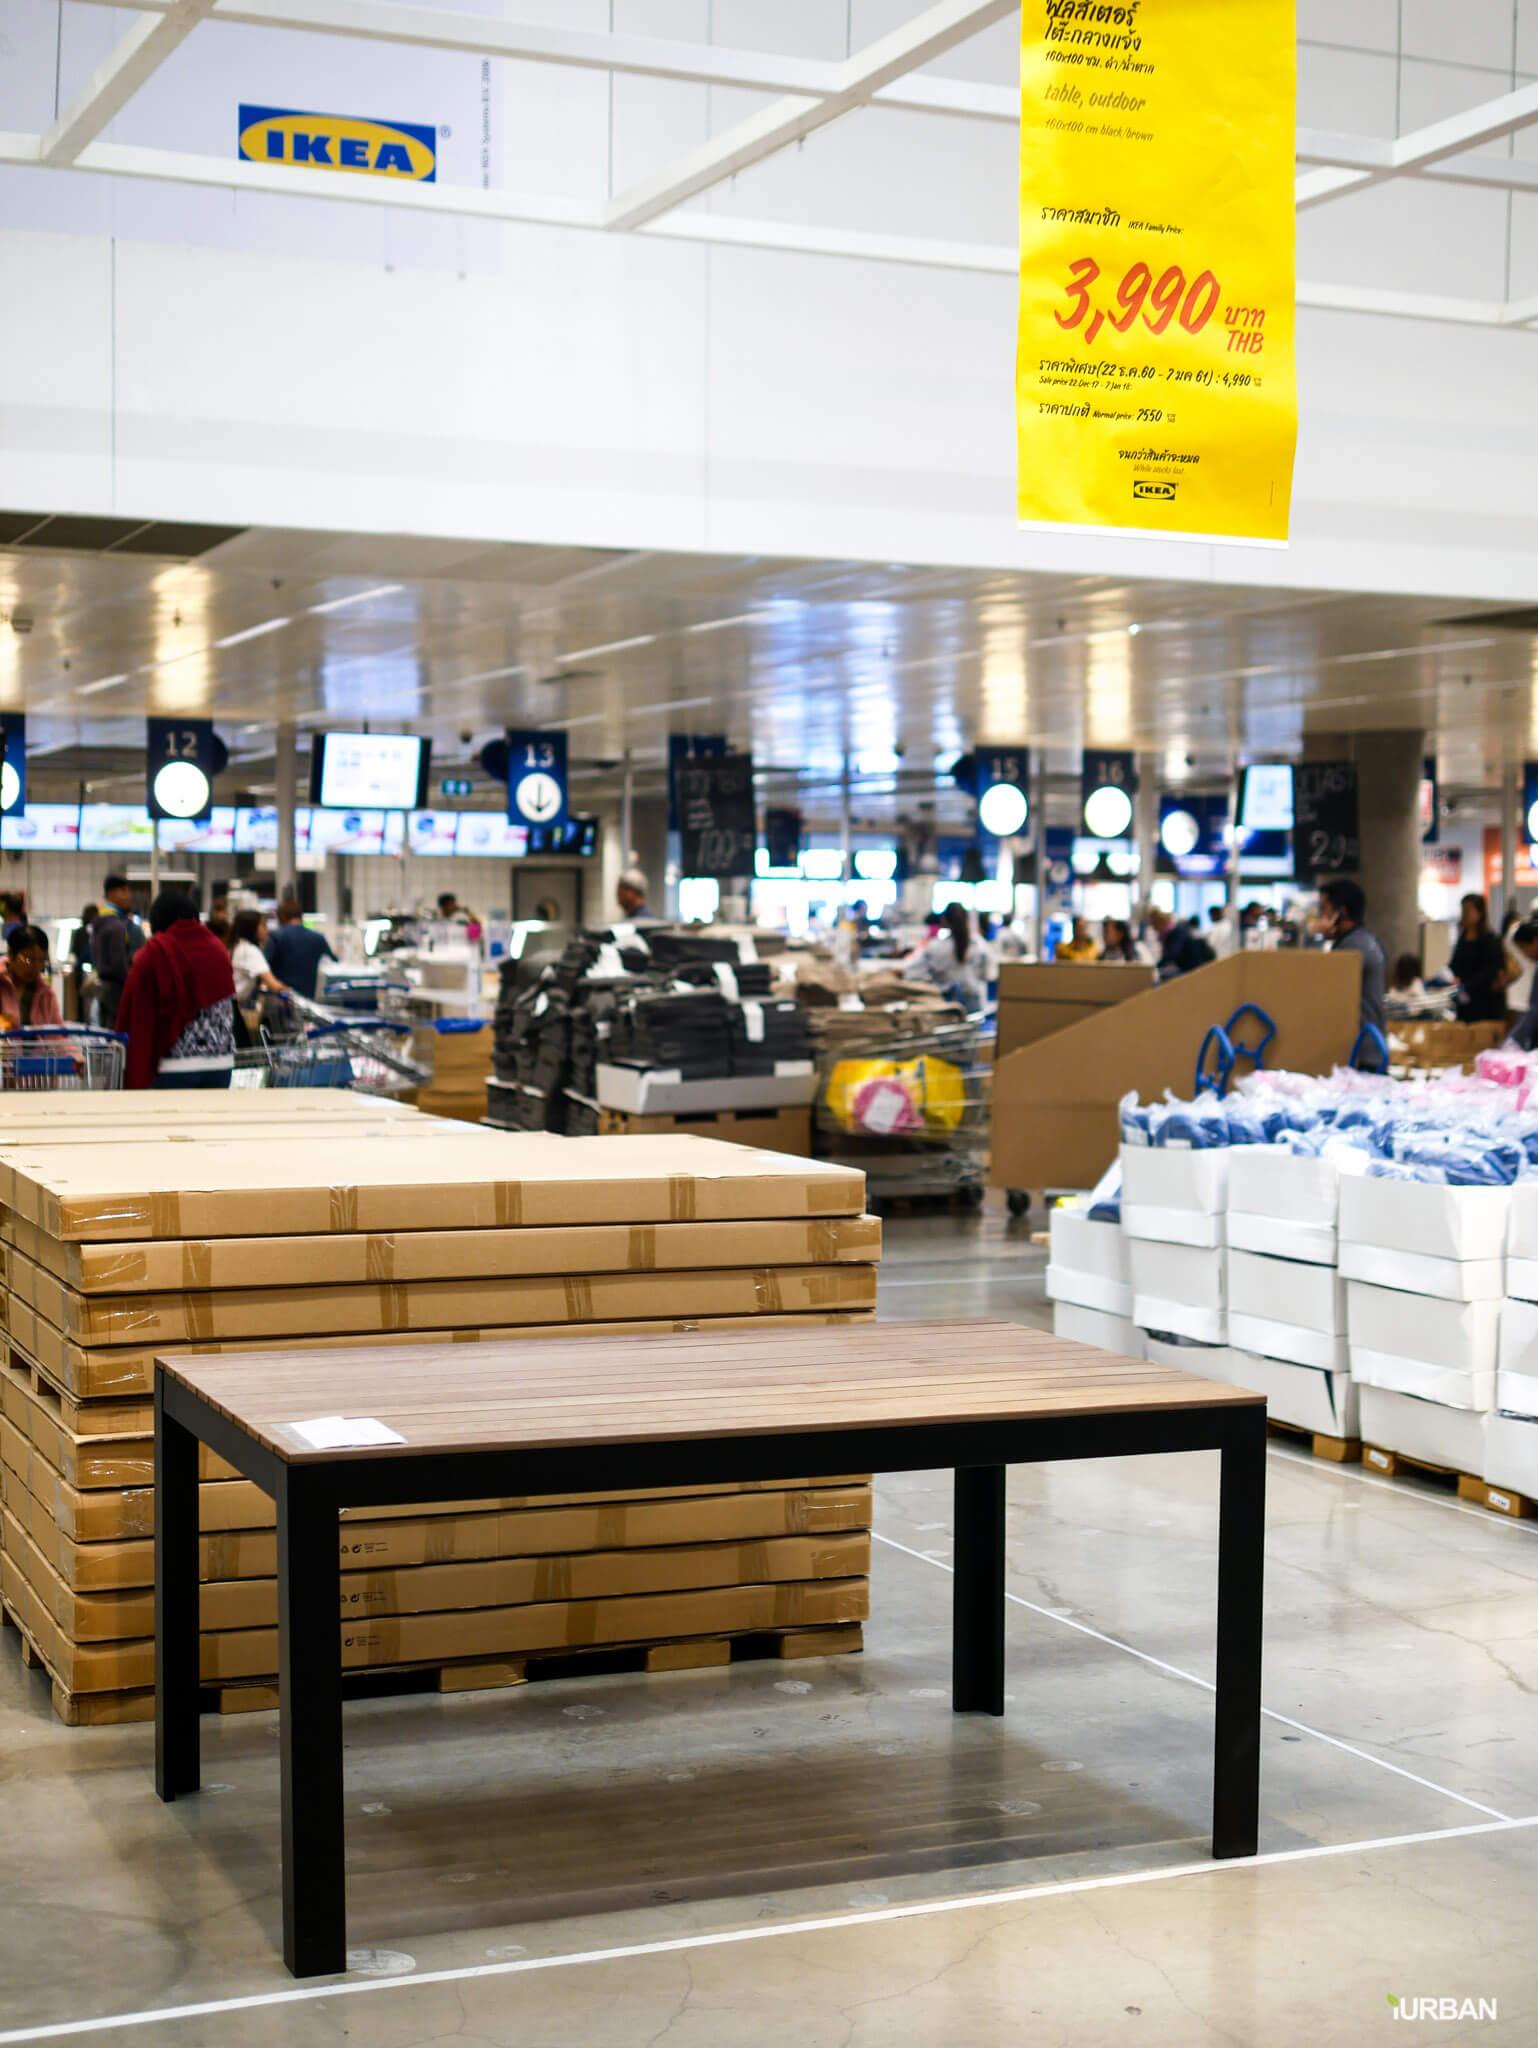 มันเยอะมากกกก!! IKEA Year End SALE 2017 รวมของเซลในอิเกีย ลดเยอะ ลดแหลก รีบพุ่งตัวไป วันนี้ - 7 มกราคม 61 39 - IKEA (อิเกีย)